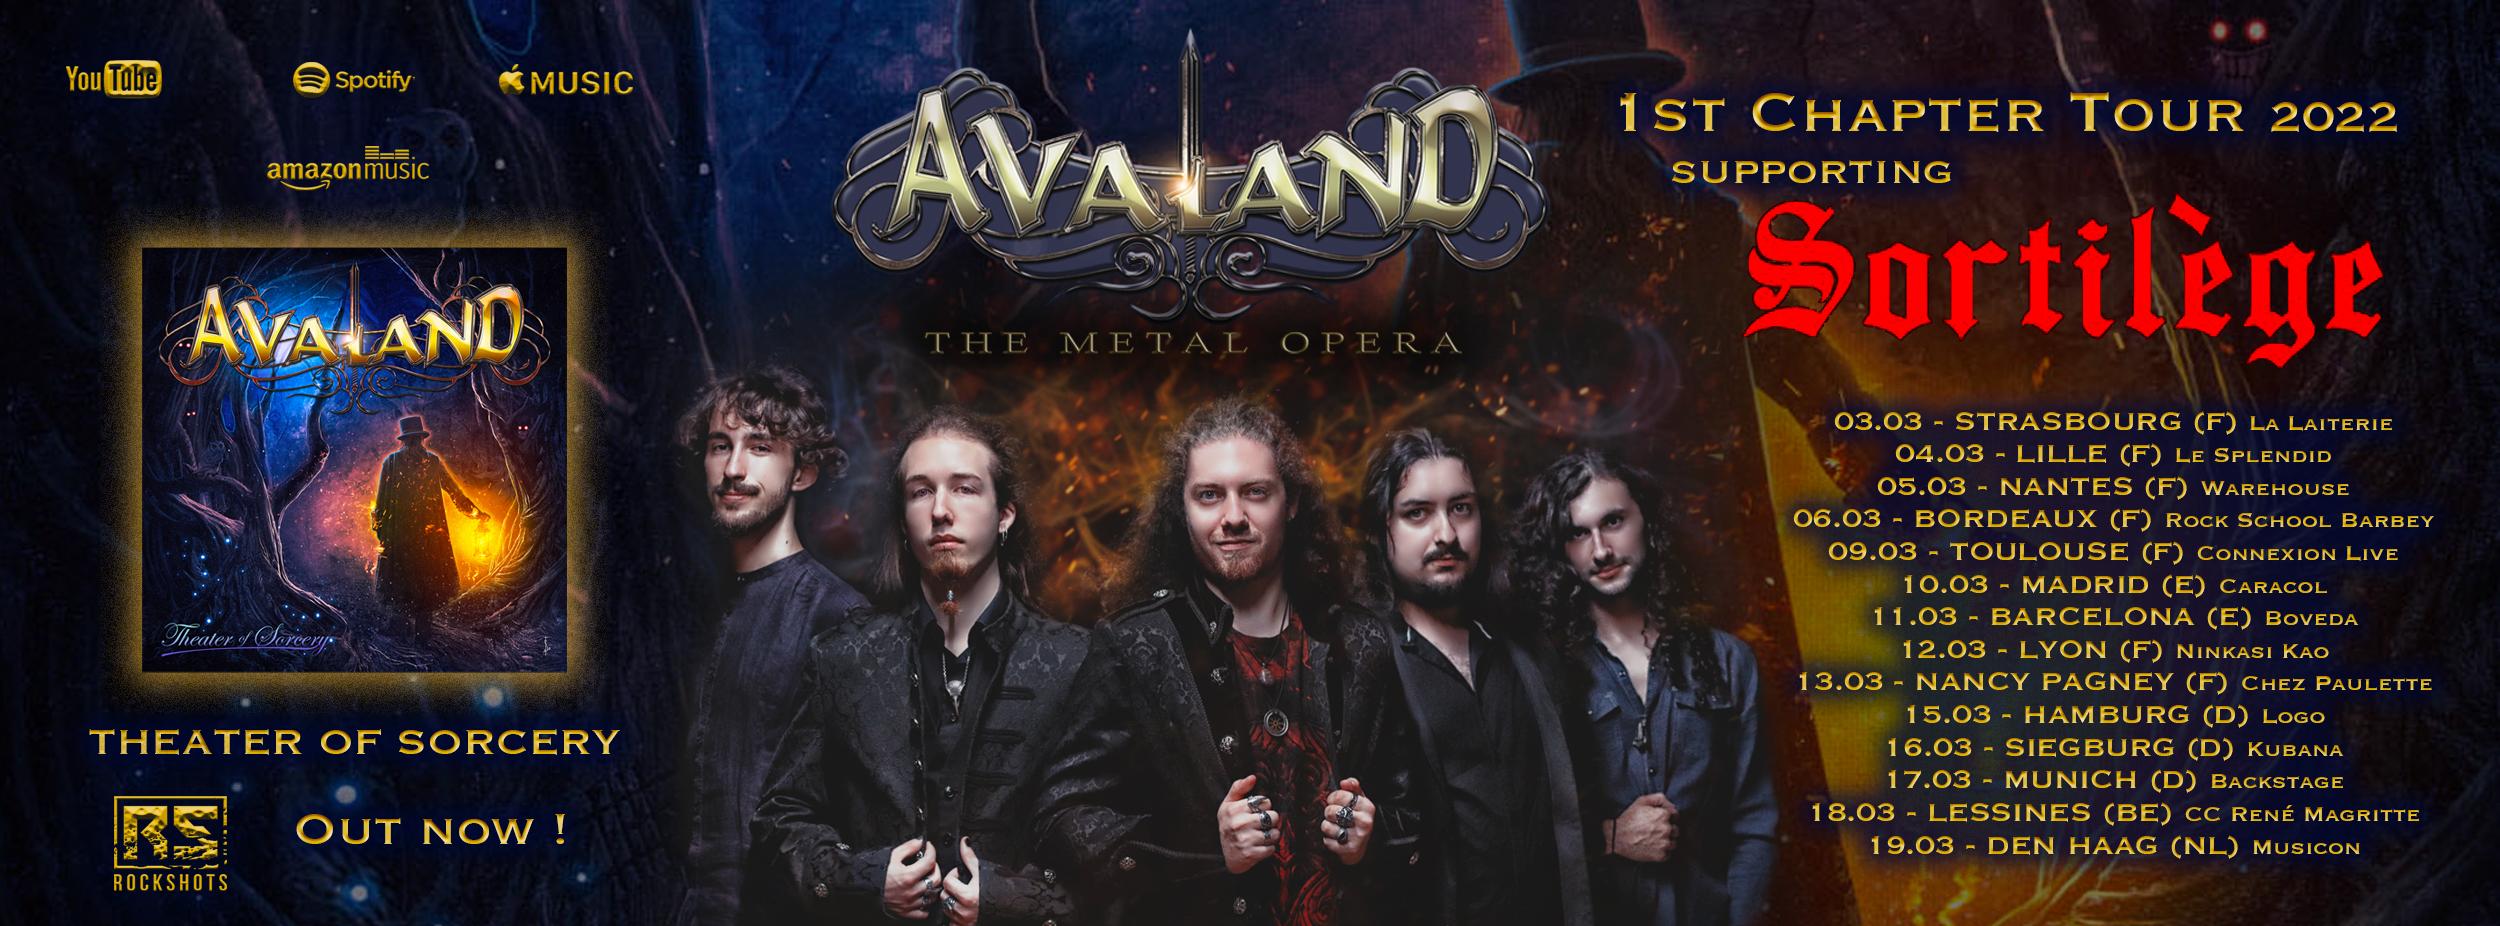 Avaland band